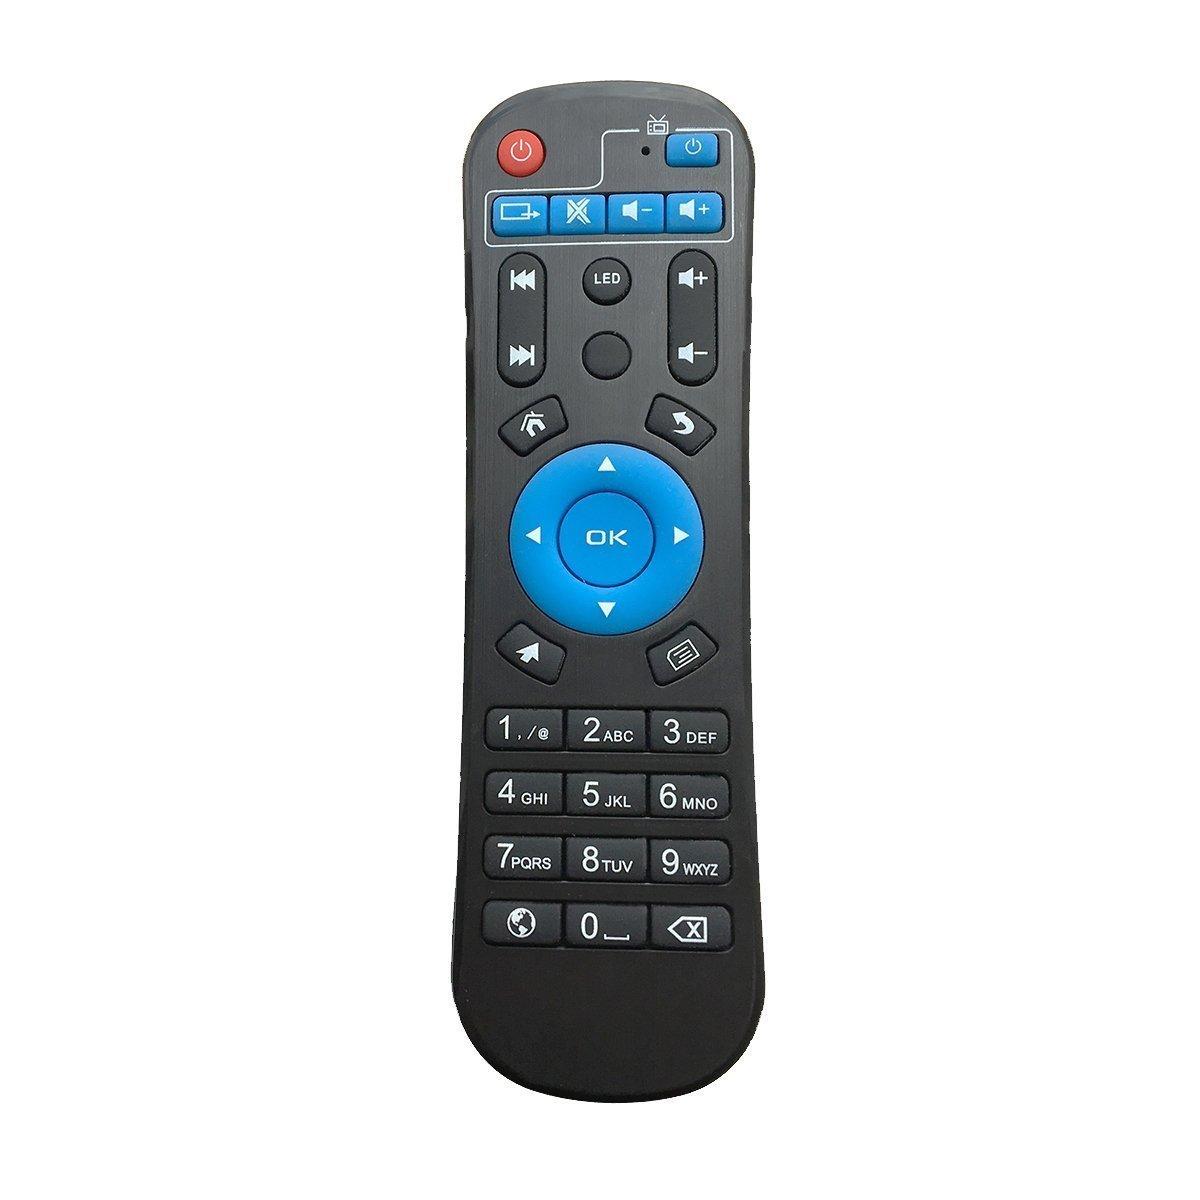 Sunray Q BOX Android Box Remote Control for T95Z Plus Smart TV Box T95K Pro, T95U Pro, T95V Pro, Q Plus